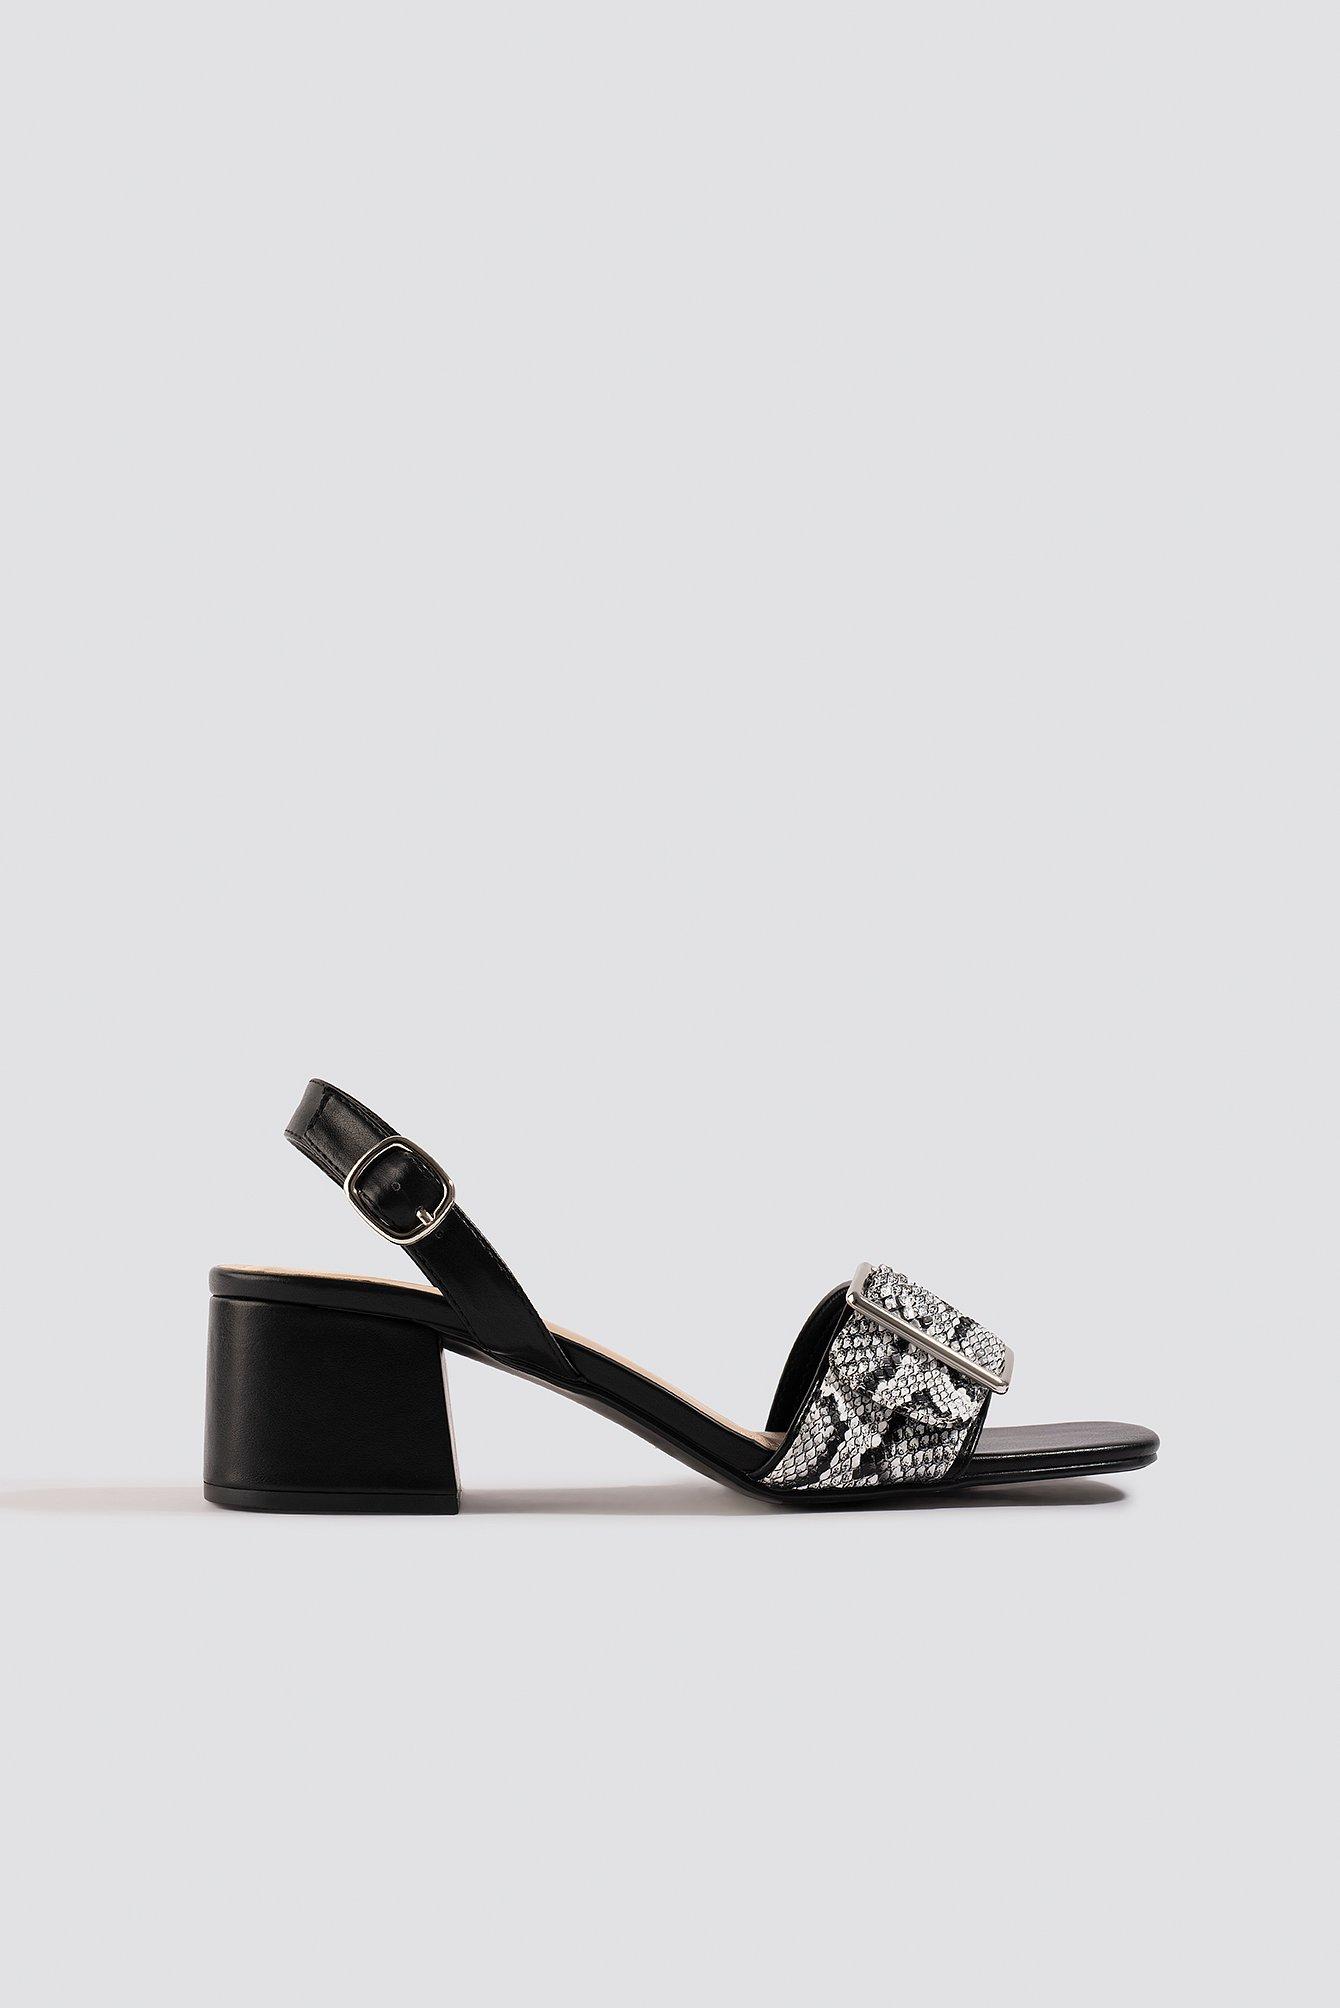 na-kd shoes -  Snake Detail Buckle Sandals - Black